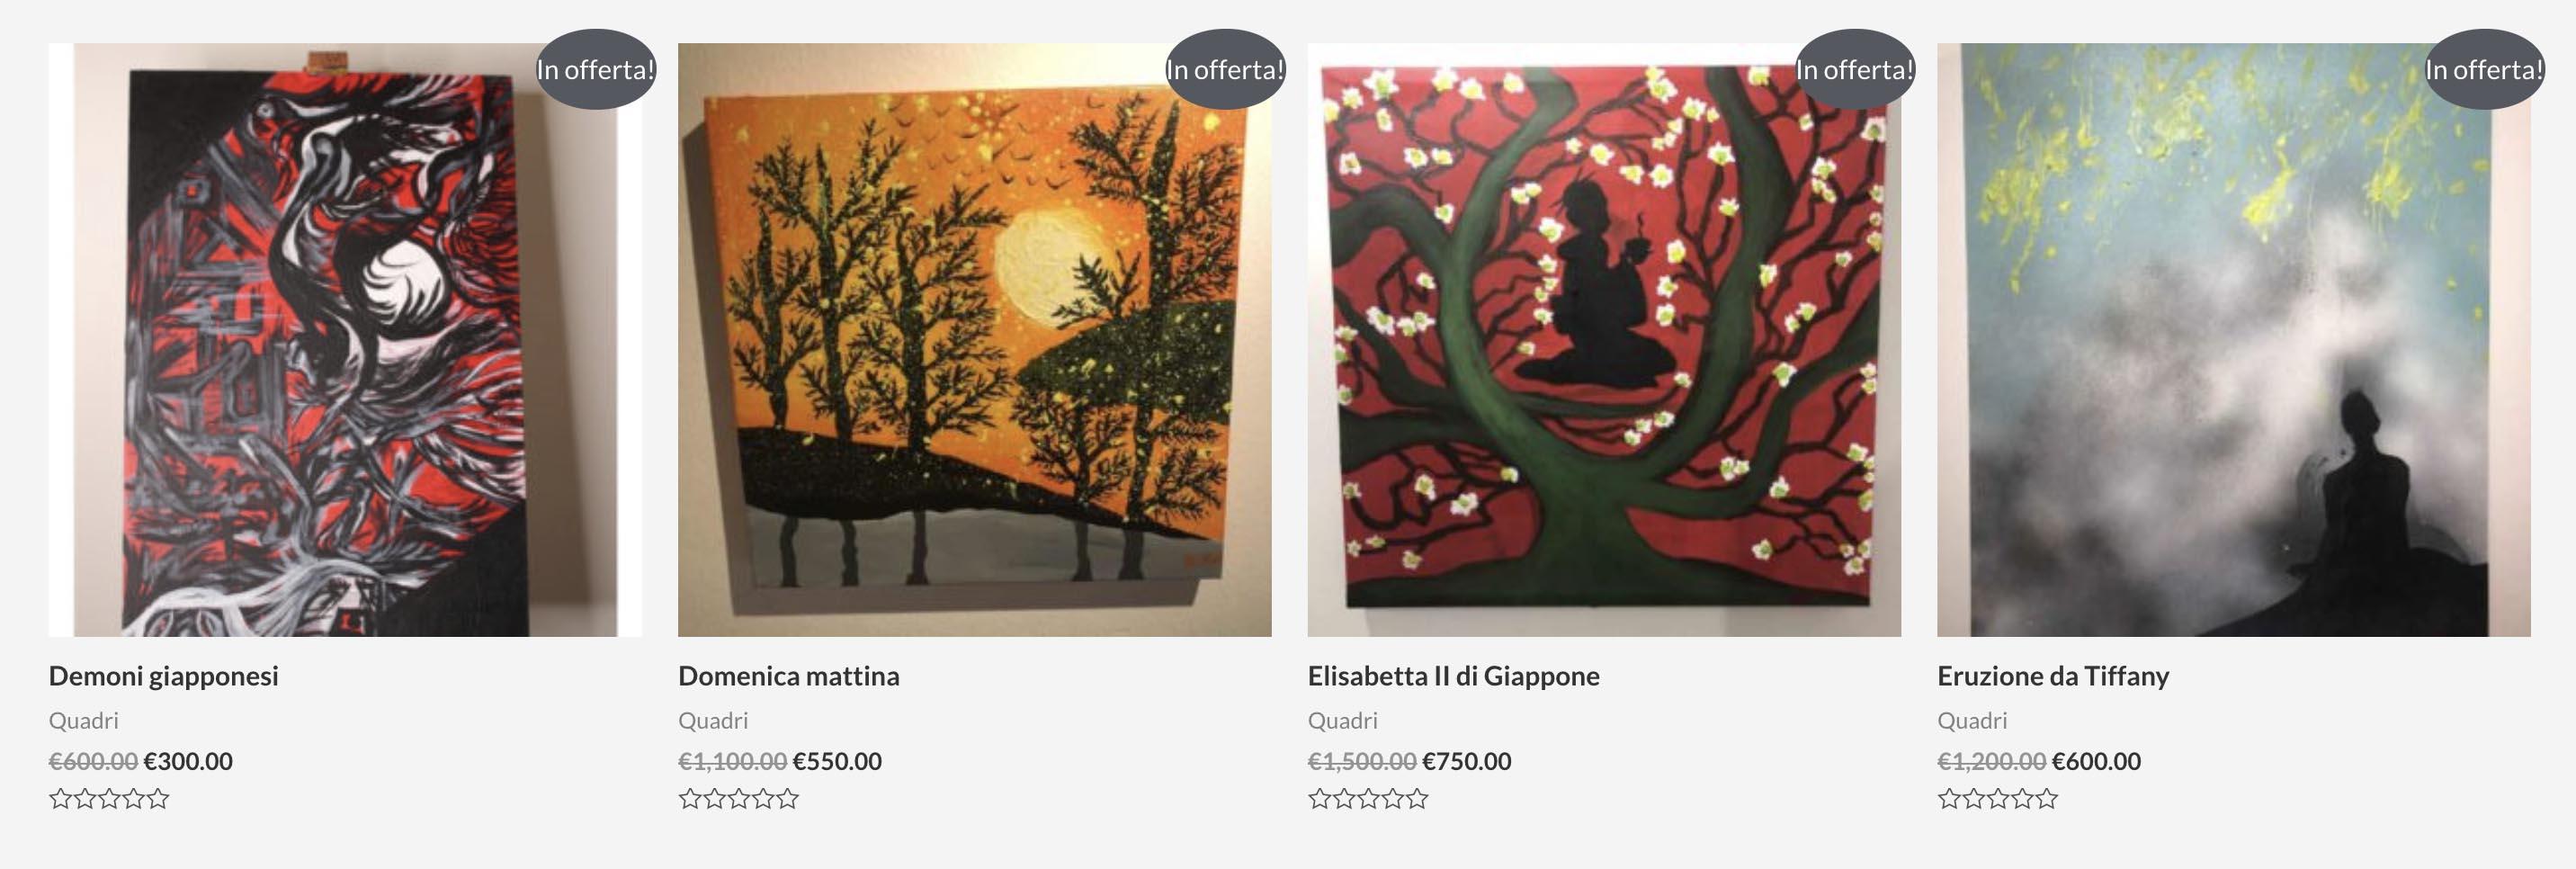 Nina Moric, ecco quanto costano i suoi quadri | Tabloit